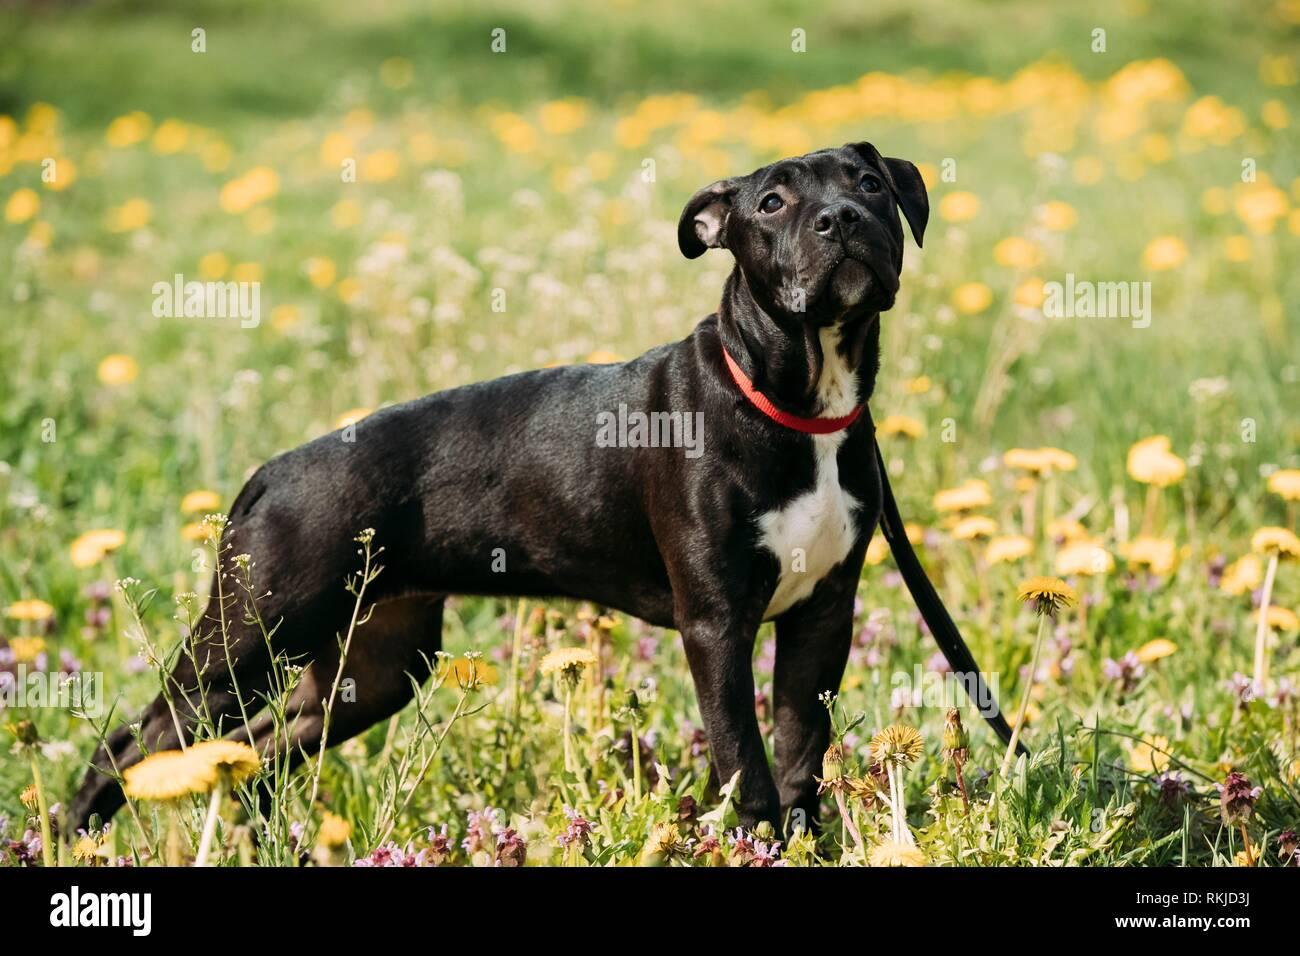 Jeune American Staffordshire Terrier Puppy Dog Standing piscine dans la région de Green Meadow printemps avec des fleurs jaunes. Animal ludique à l'extérieur. Banque D'Images